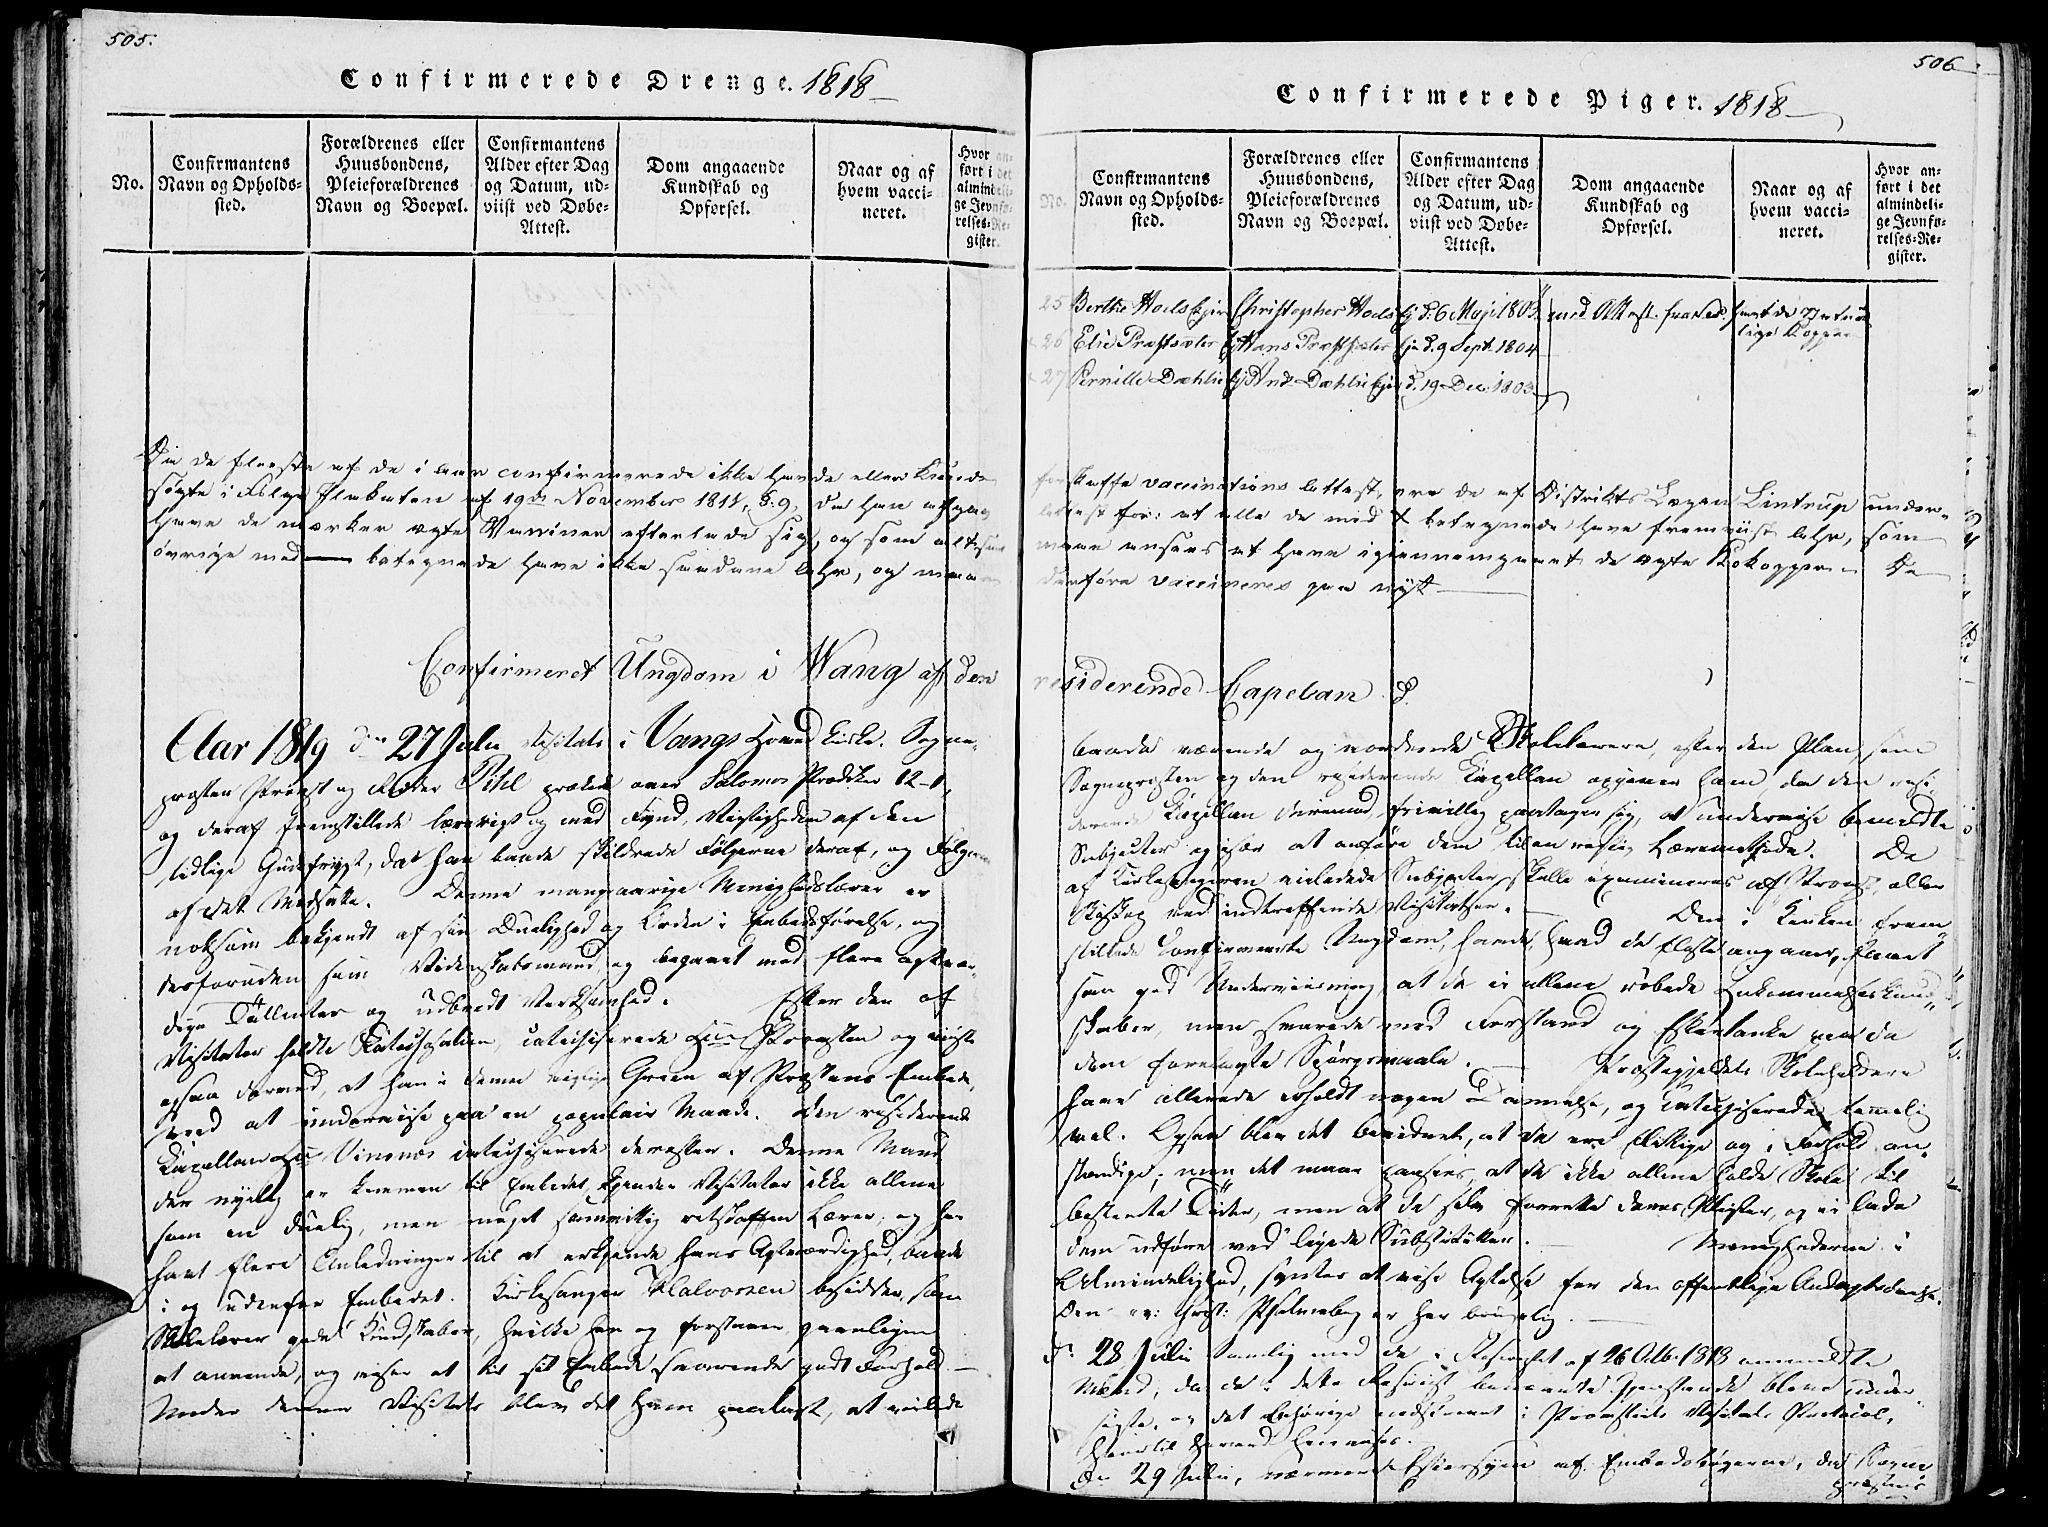 SAH, Vang prestekontor, Hedmark, H/Ha/Haa/L0007: Ministerialbok nr. 7, 1813-1826, s. 505-506